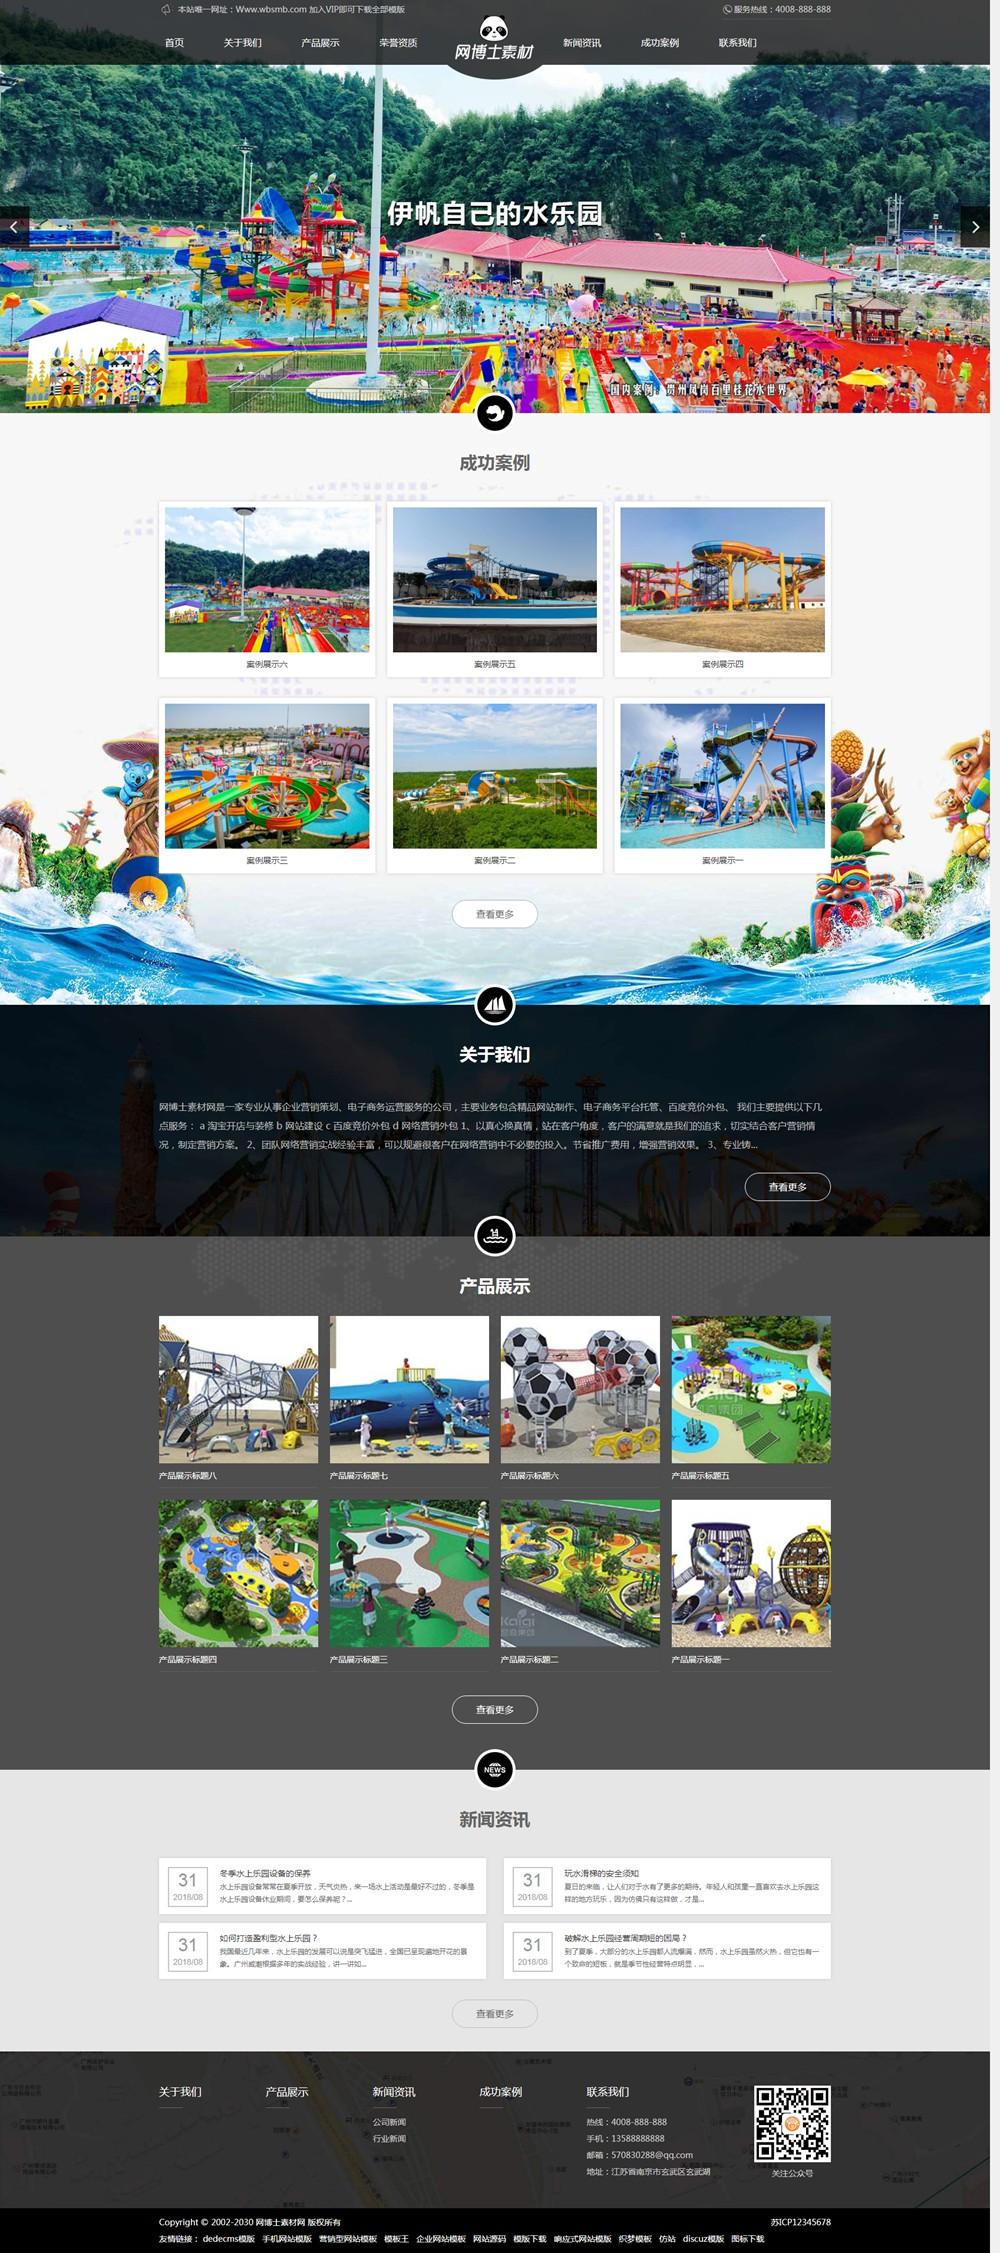 (自适应手机版)响应式水上游乐园设备类织梦模板 HTML5娱乐设备设施网站源码下载